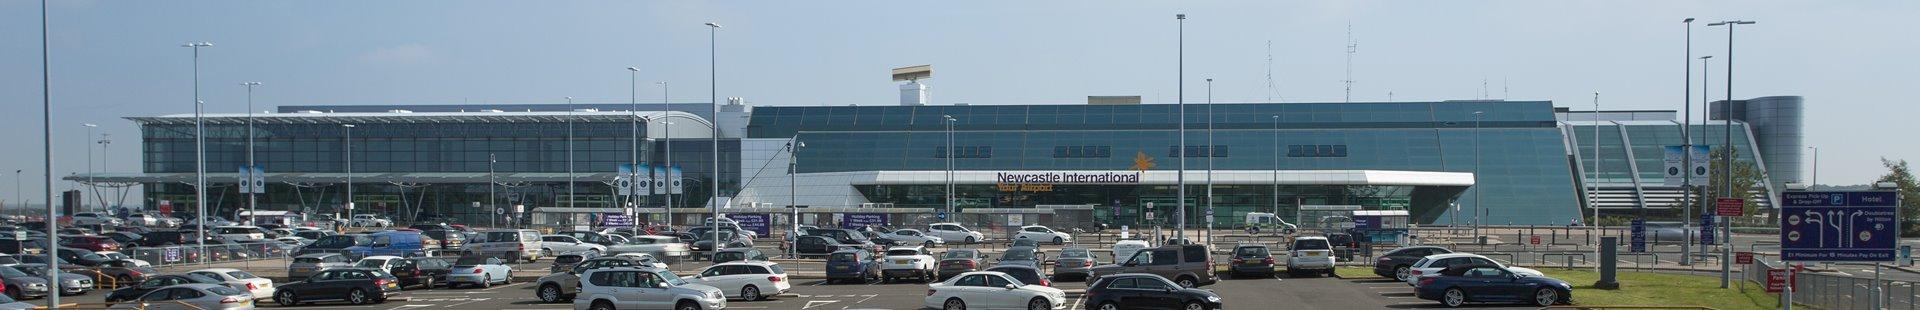 ニューカッスル空港